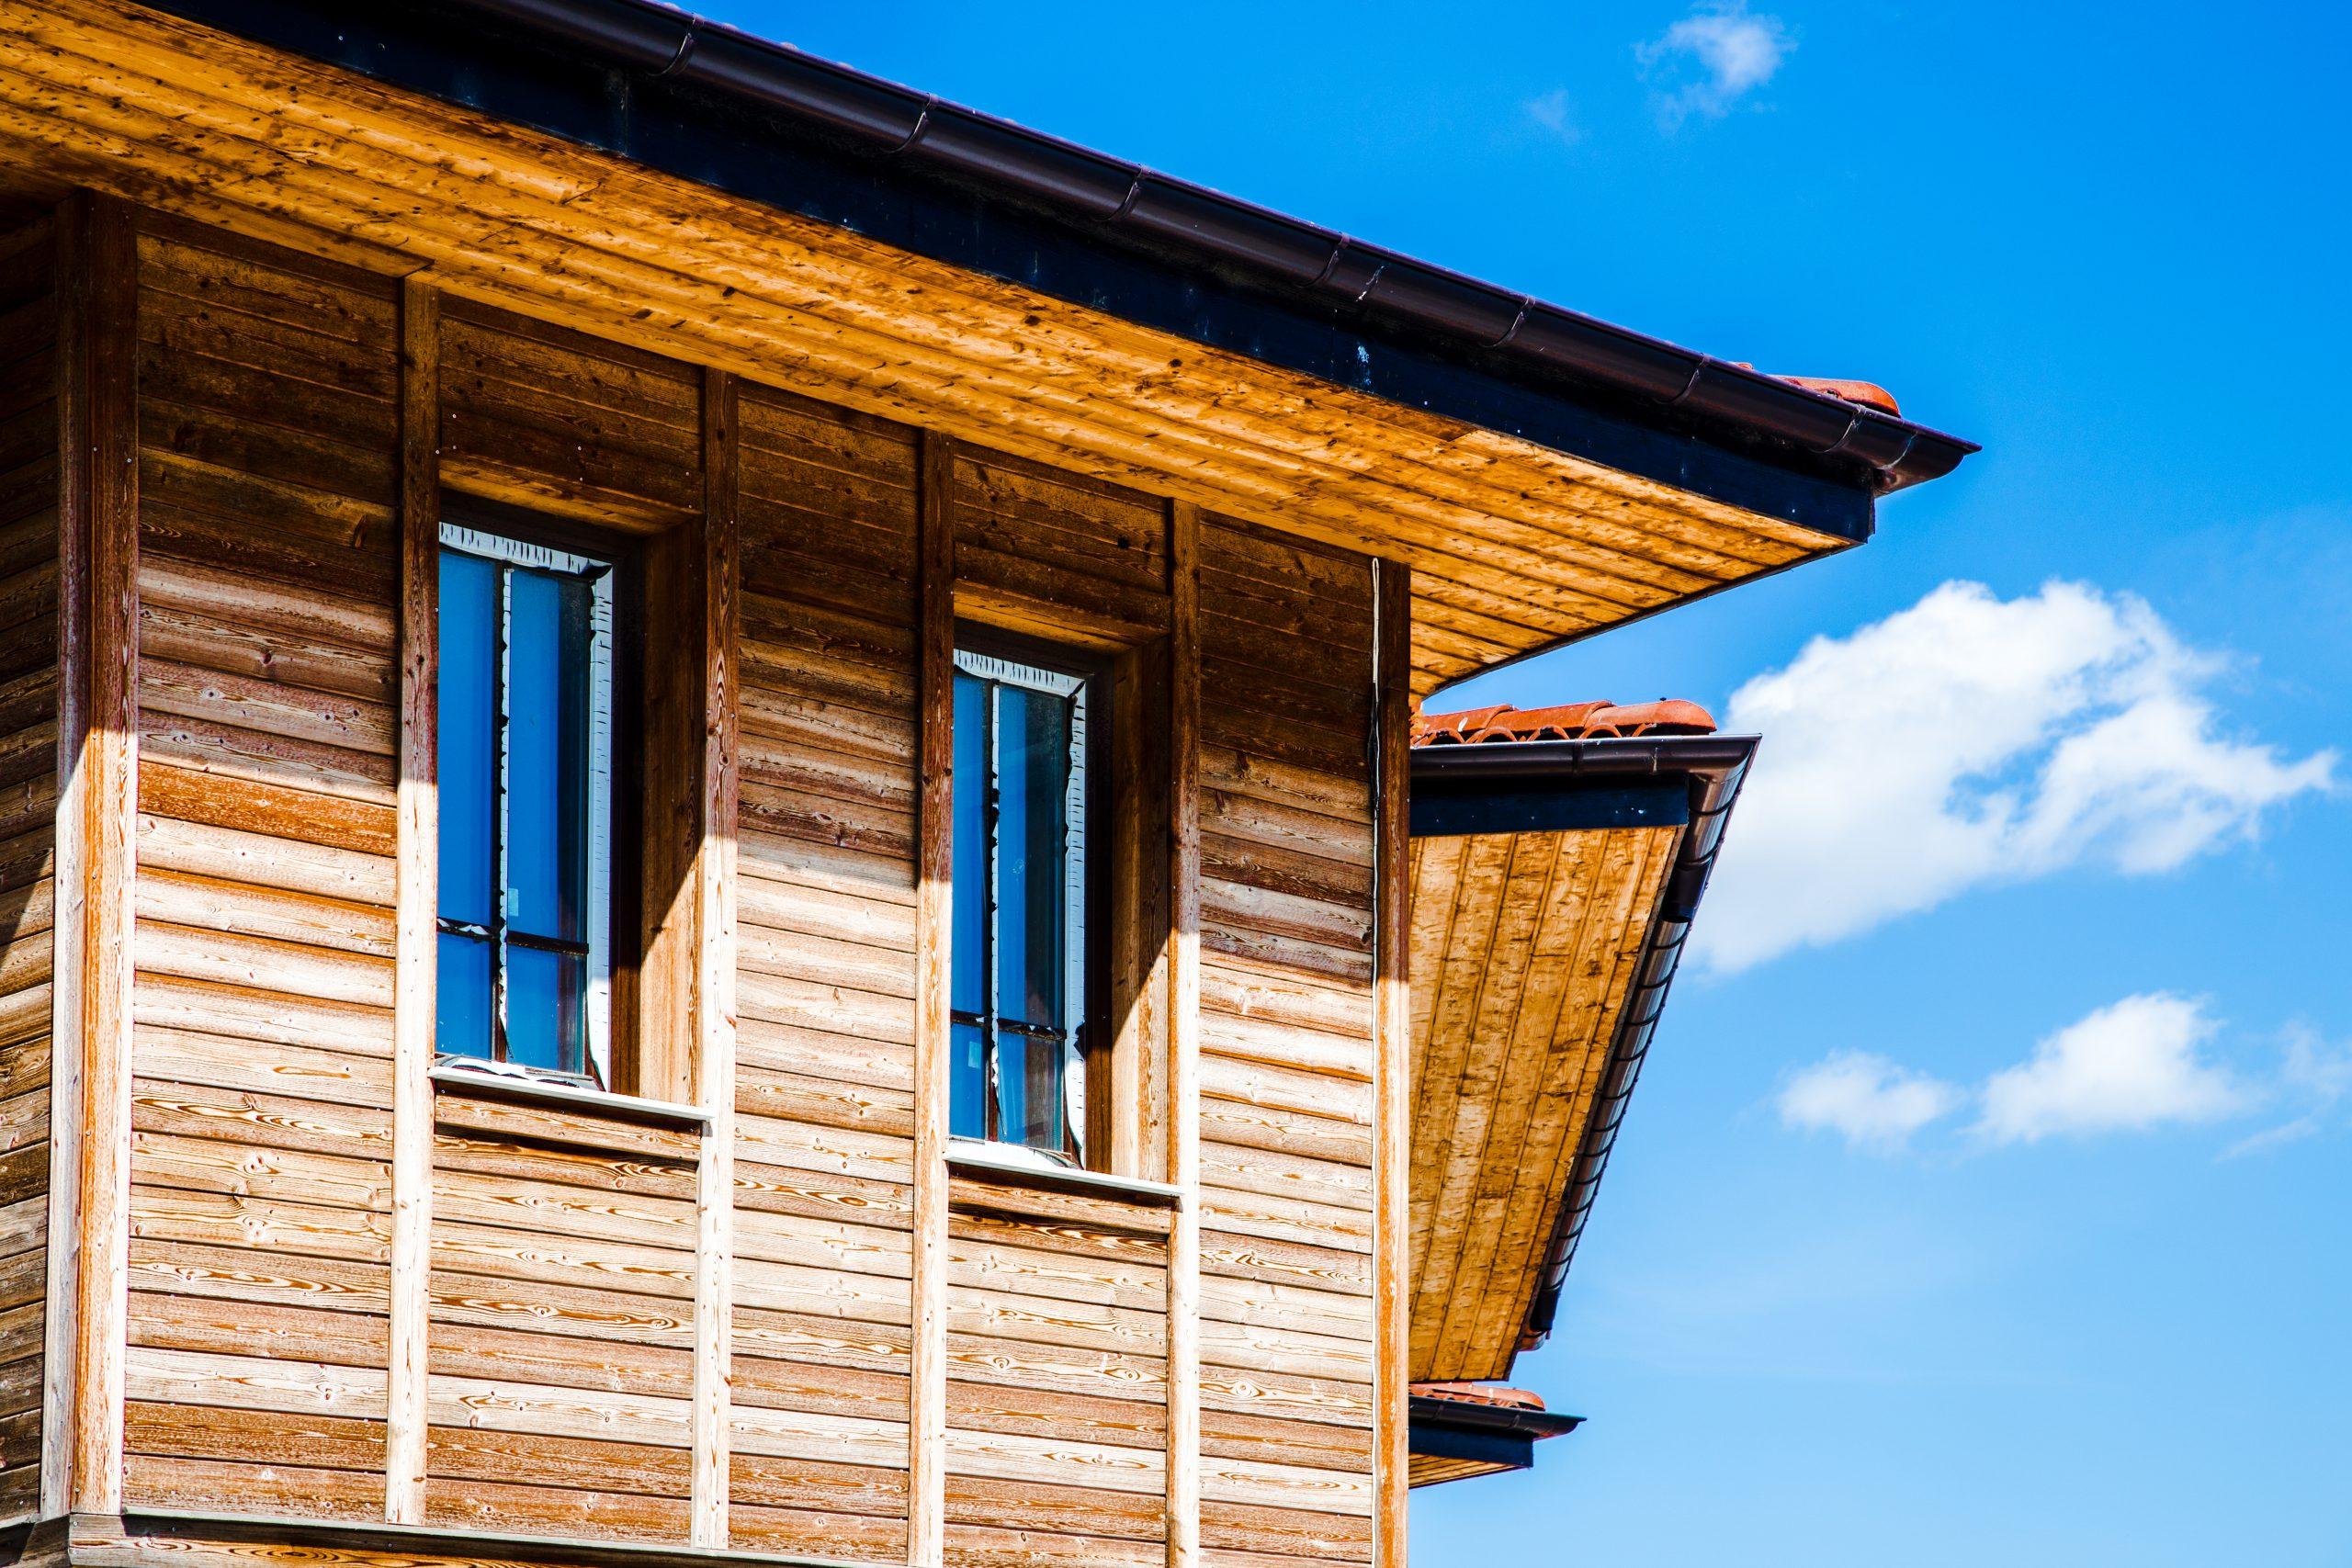 struttura con finestre classiche in legno